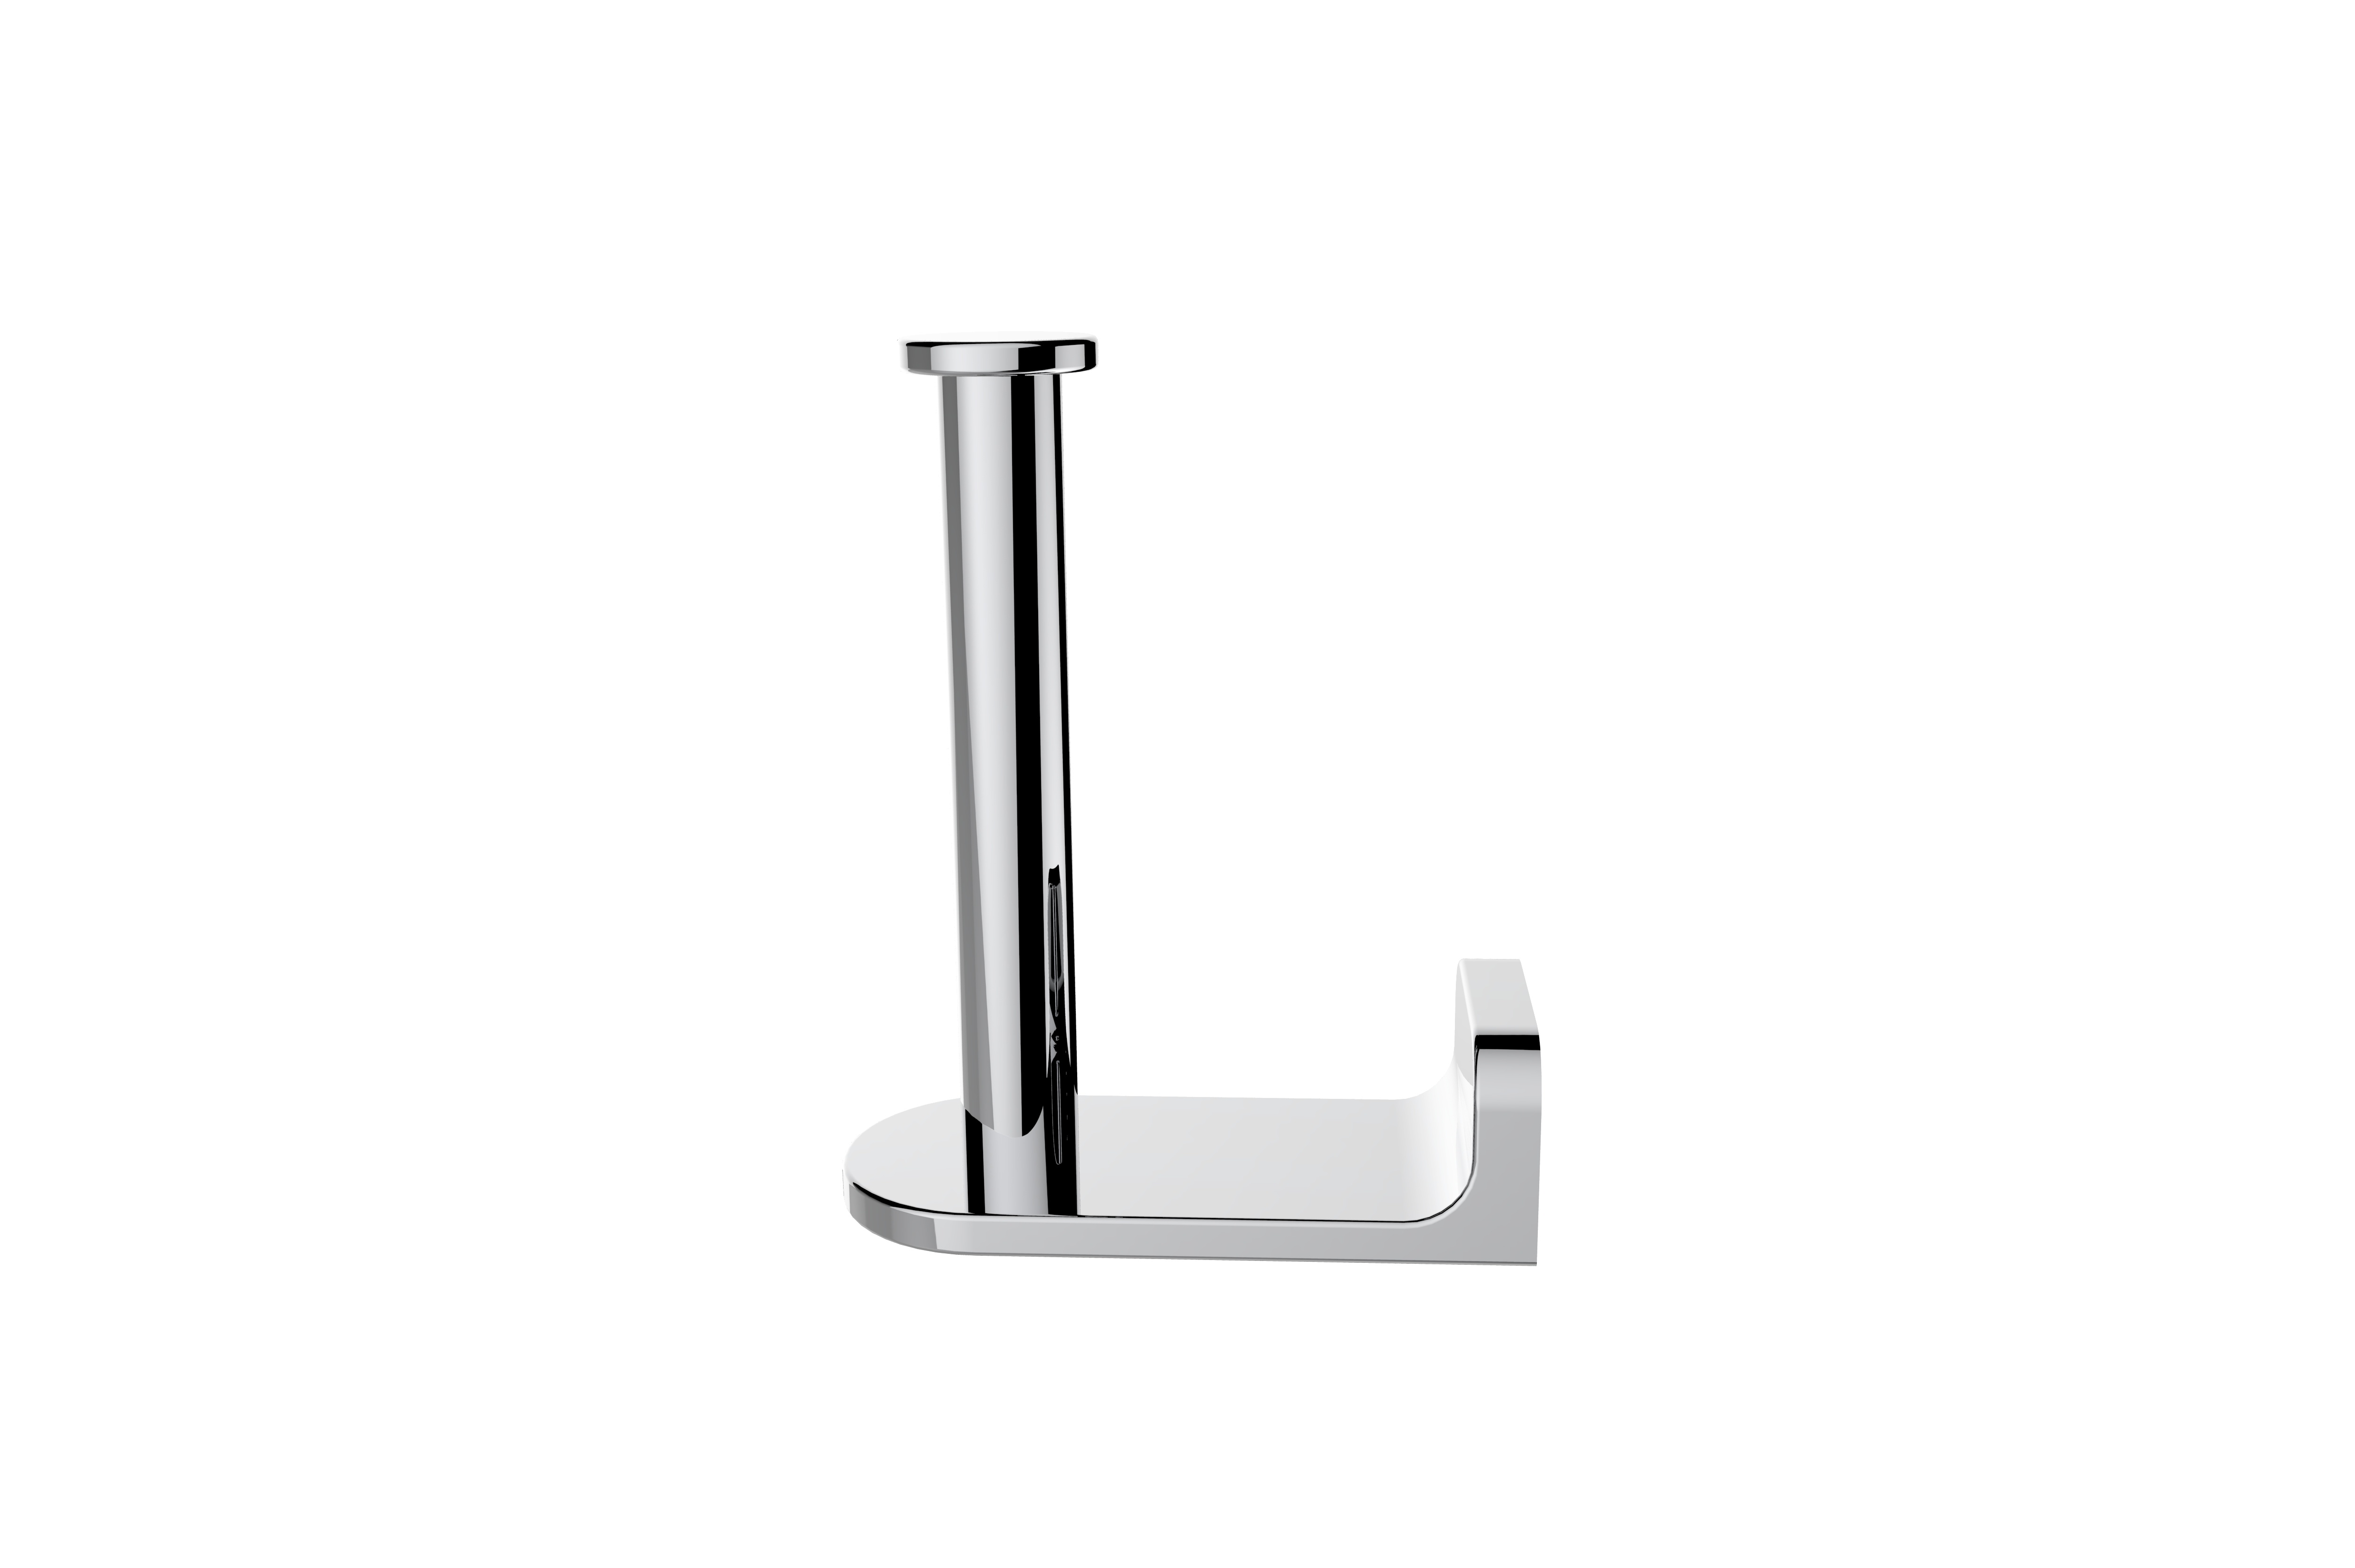 Chrome Brass Toilet Paper Holder for Bathroom